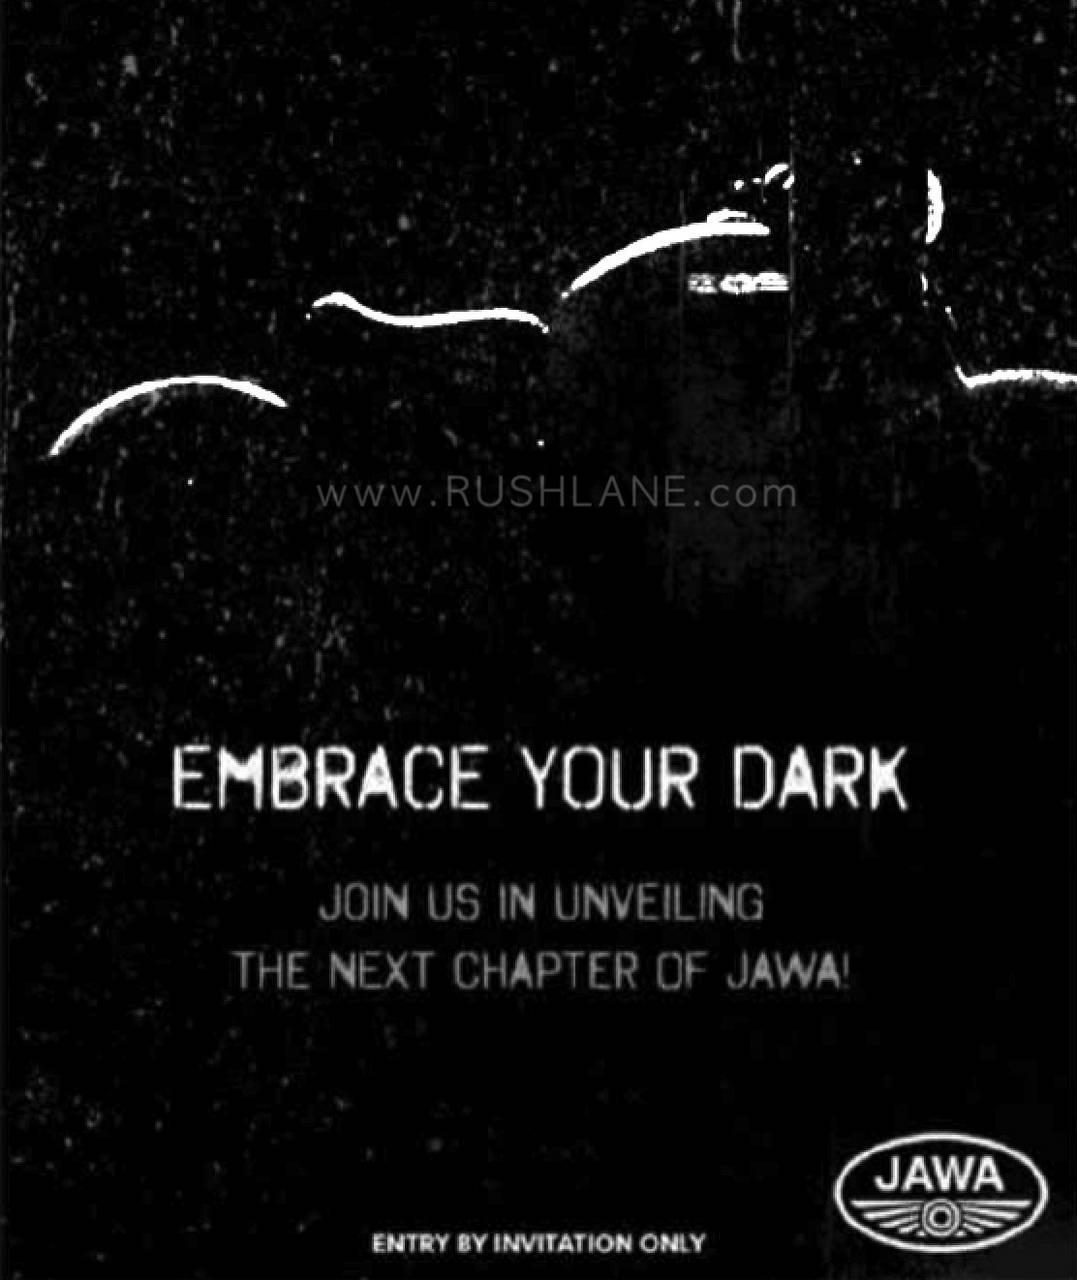 Jawa Perak launch invite